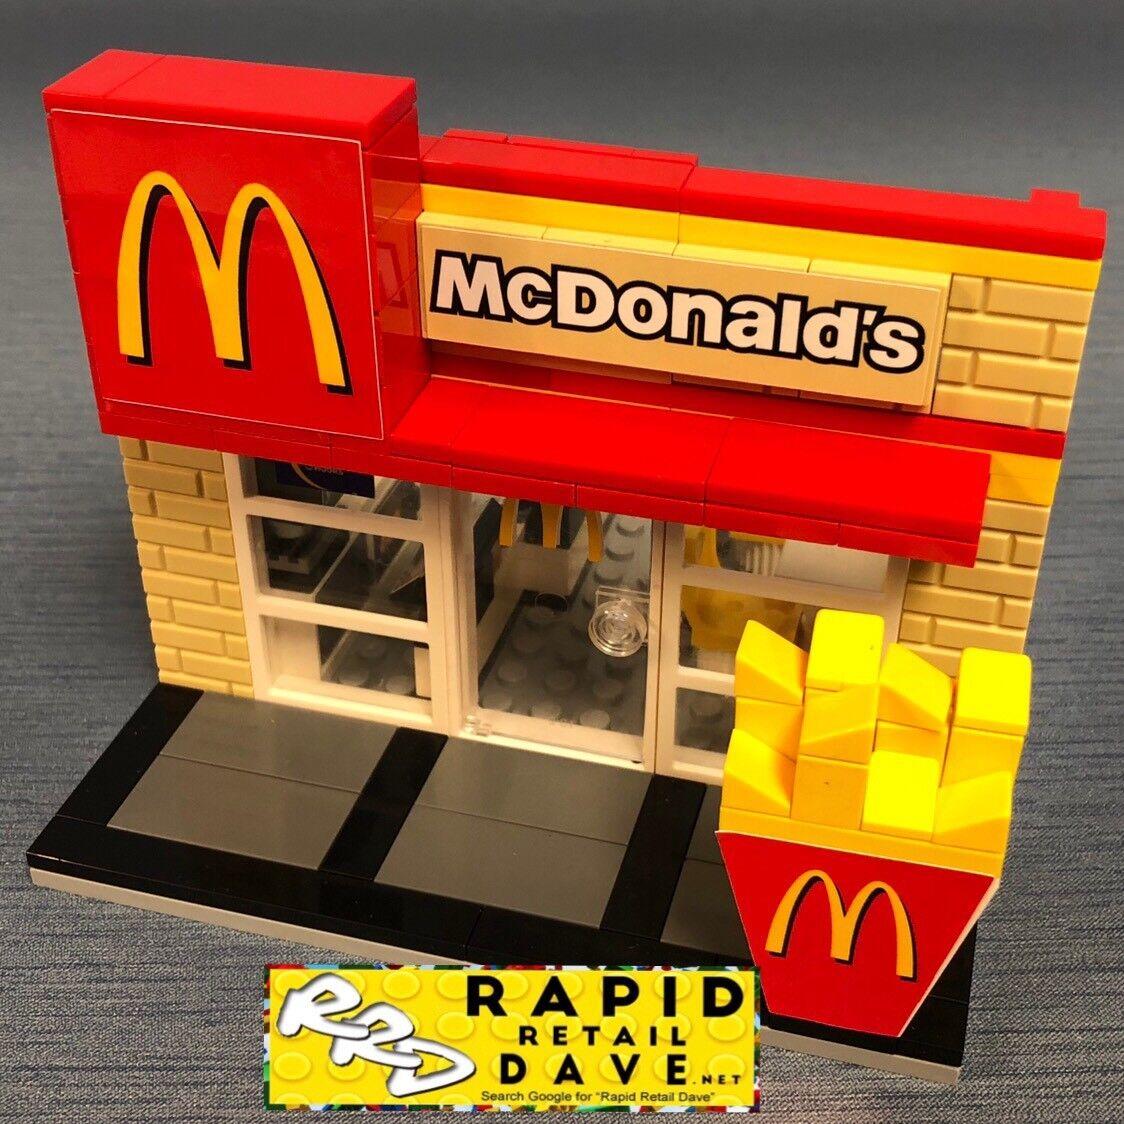 Lego Personalizado Mcdonalds restaurante altamente detallado & envío rápido